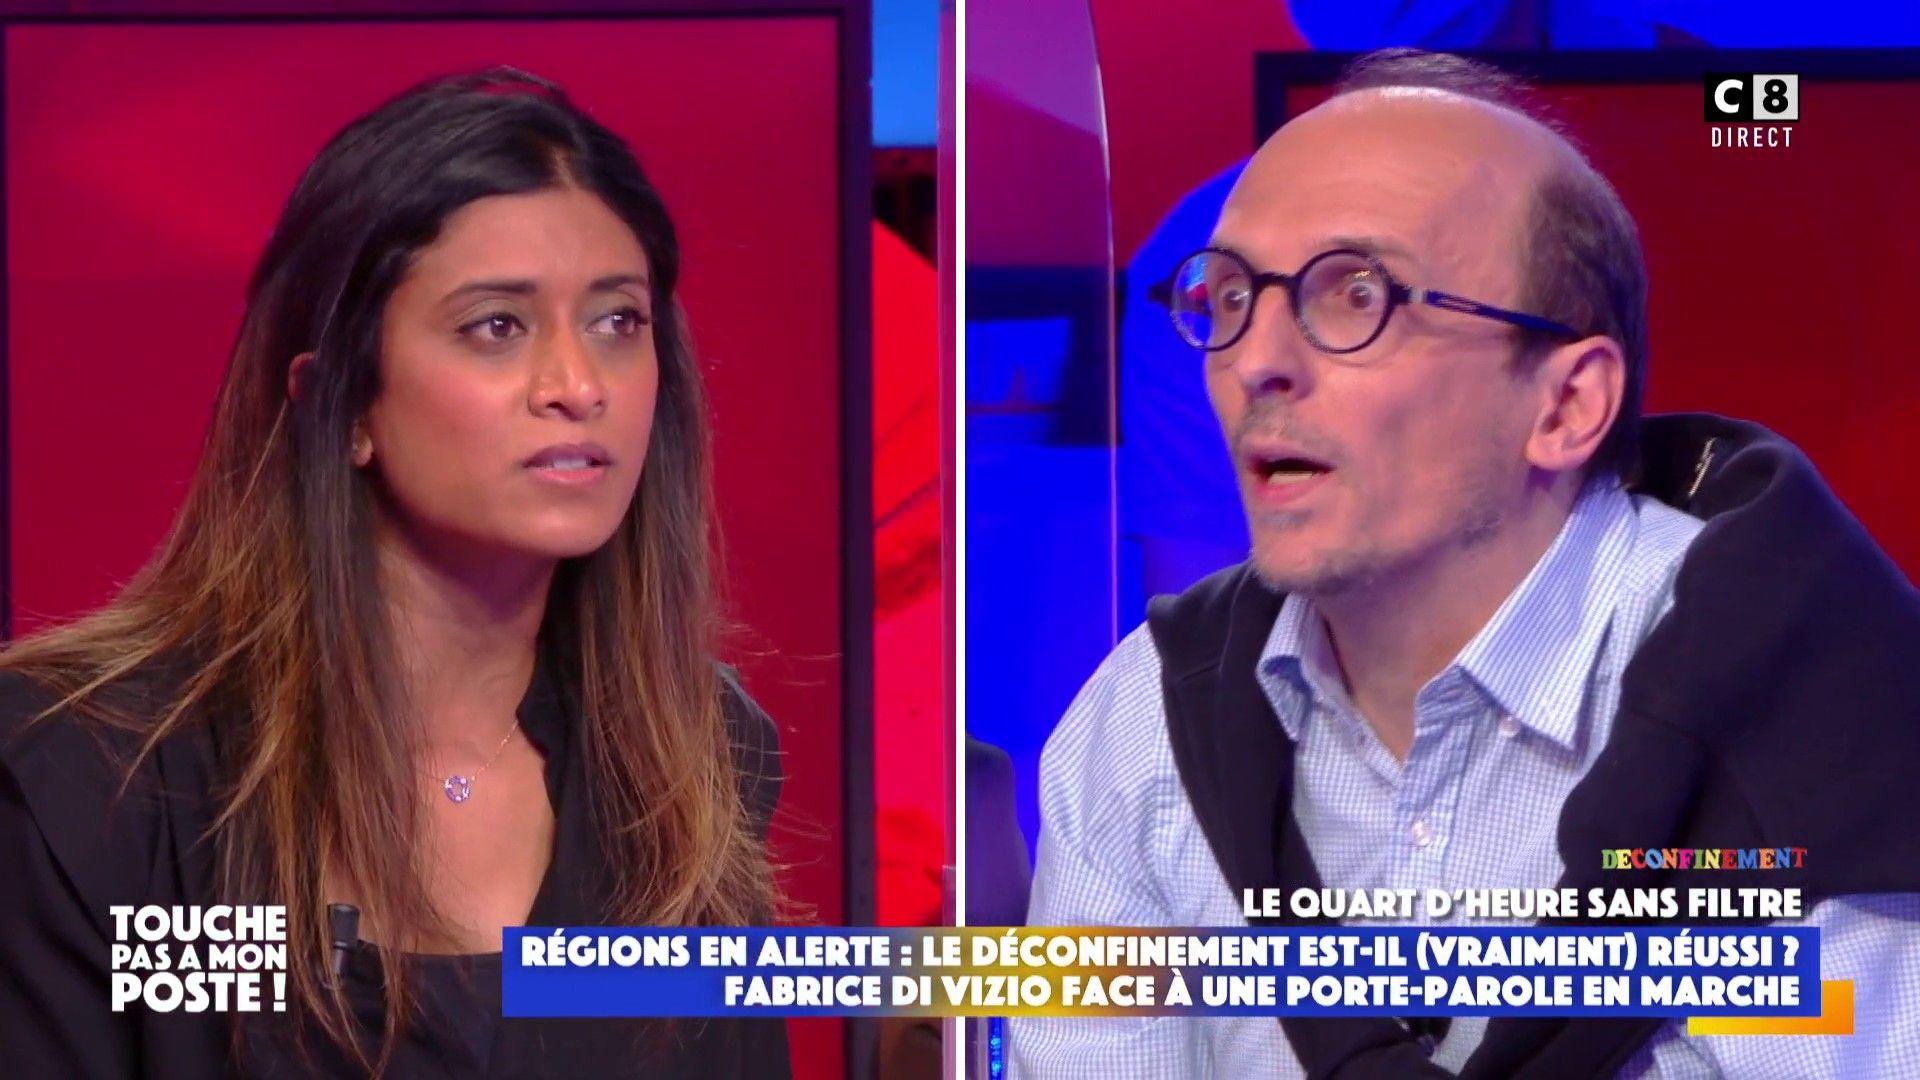 Replay TPMP «Vous avez méprisé les soignants !» : Fabrice Di Vizio face à Prisca Thévenot, porte-parole LREM